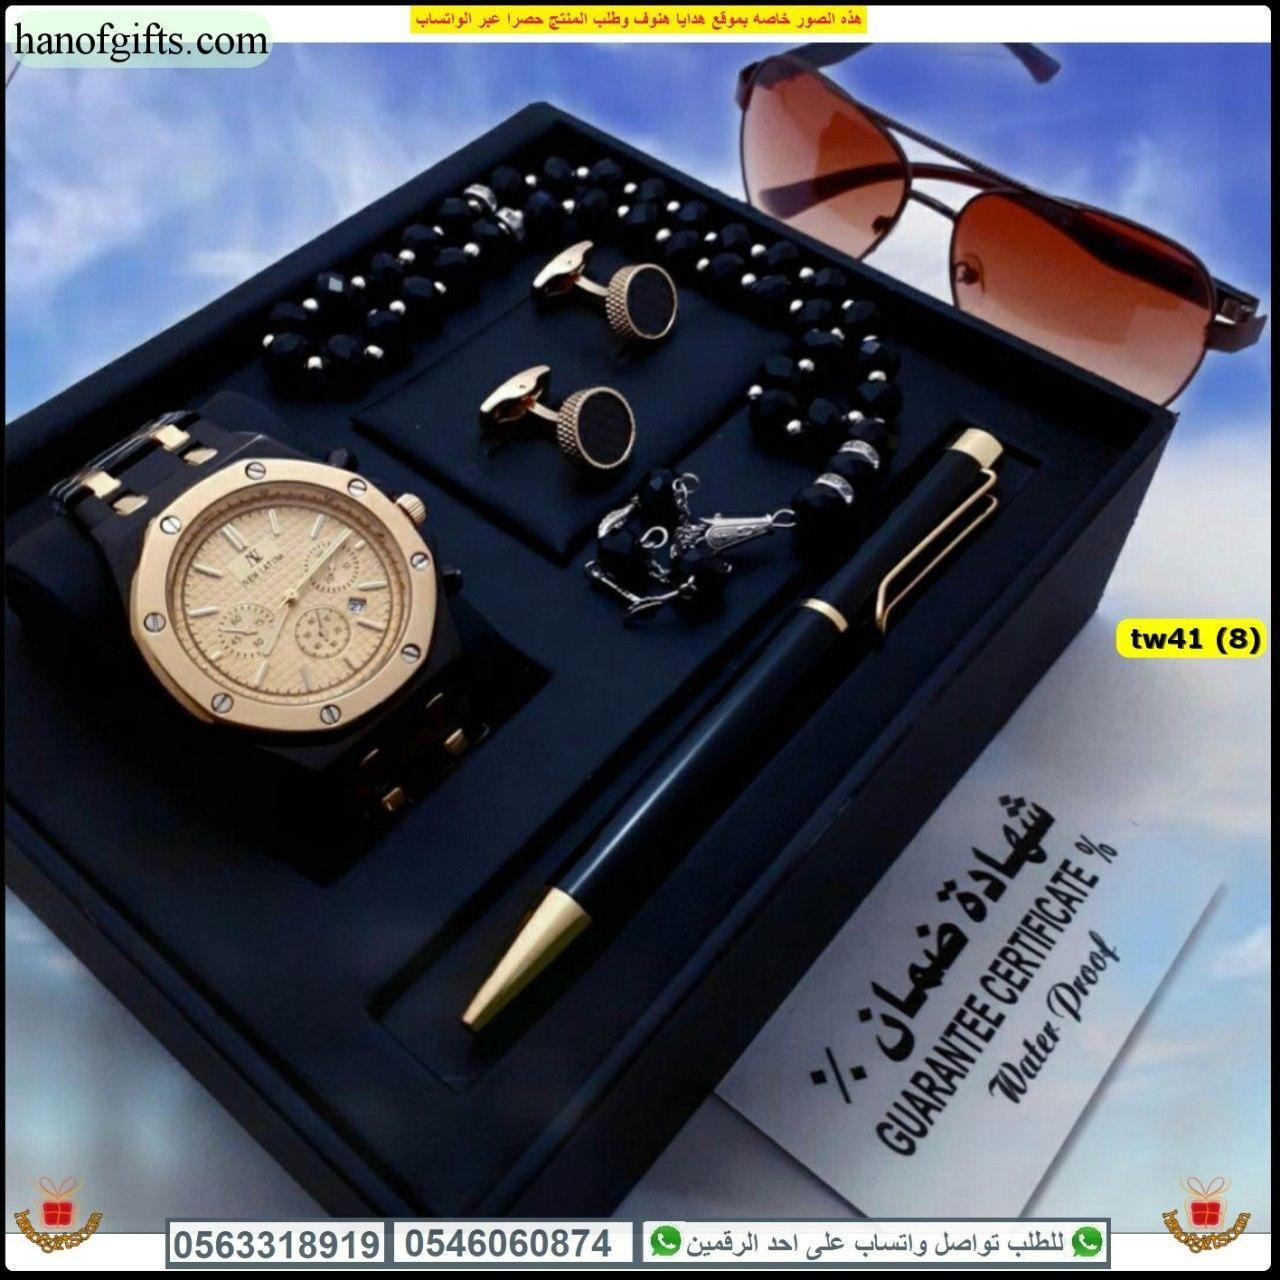 ساعات نيو لاتينا رجالي عرض رائع قلم كبك وسبحه ونظاره مع علبة فخمه هدايا هنوف Rolex Watches Rolex Accessories